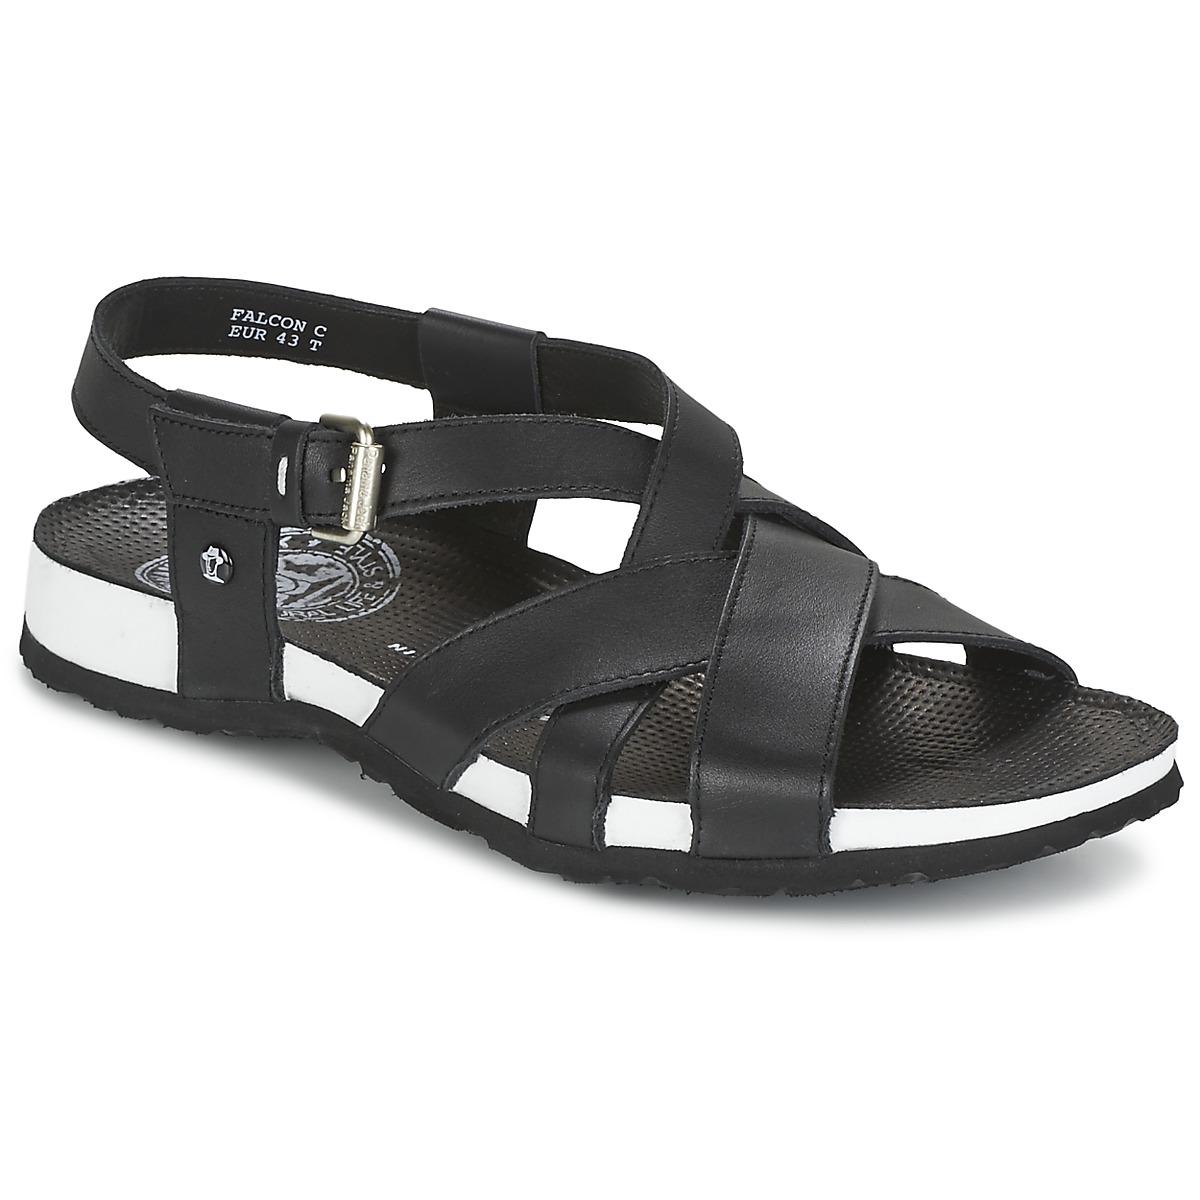 Sandale Panama Jack FALCON Noir